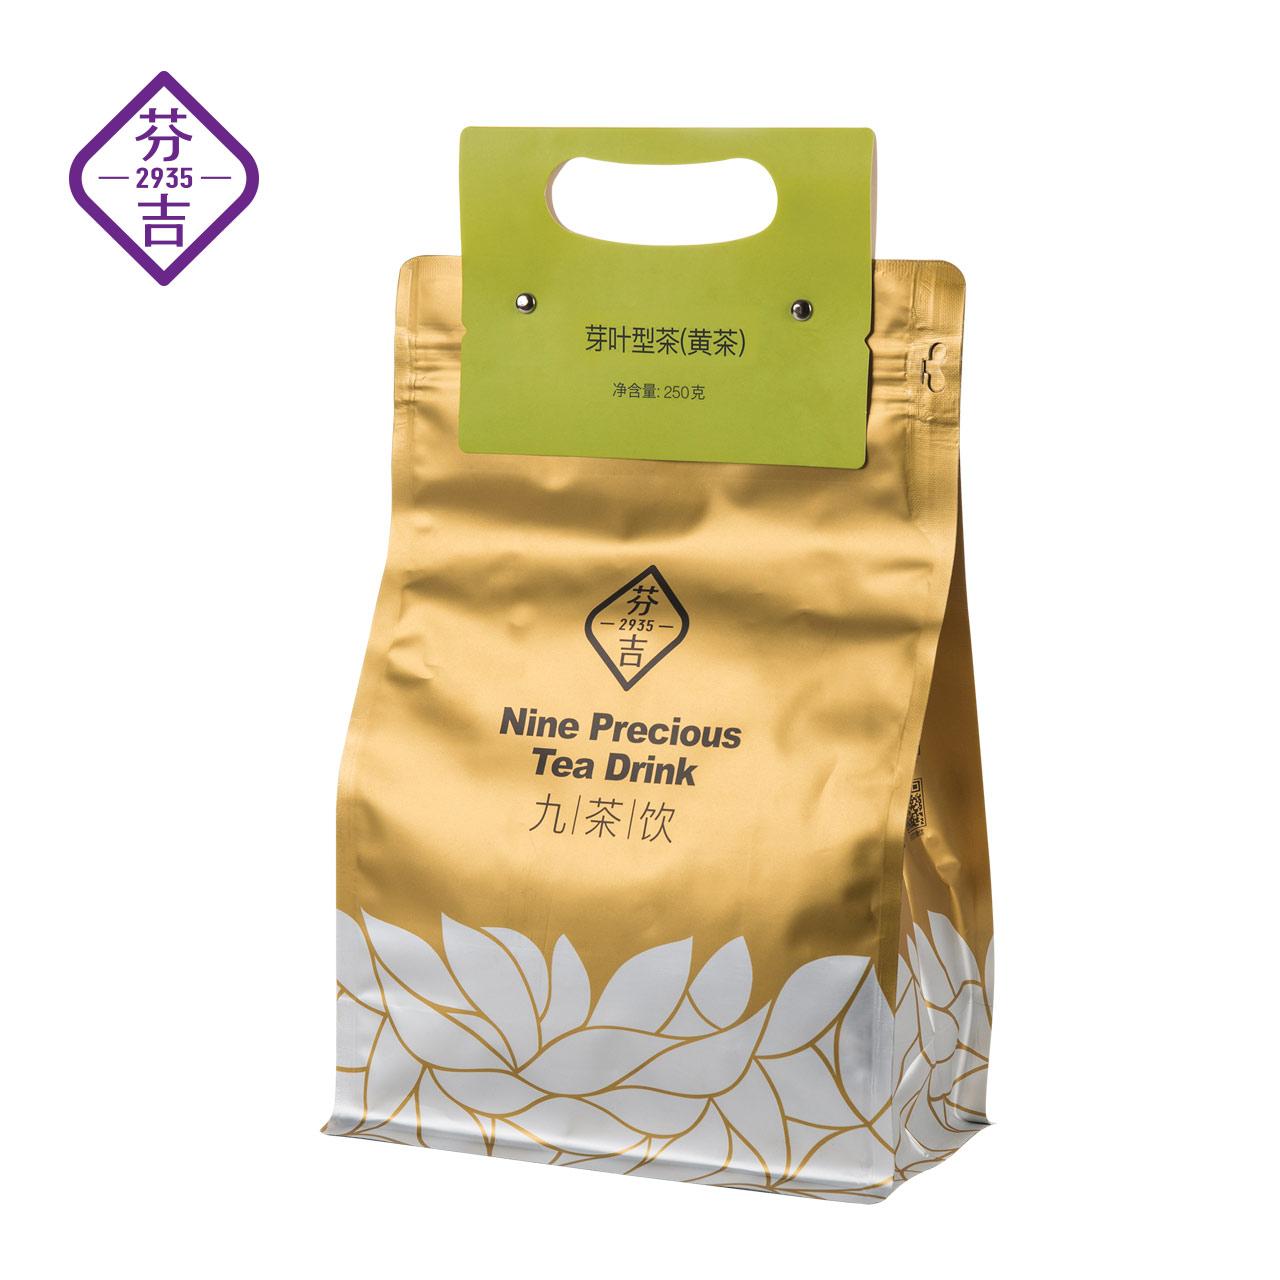 克实惠包250明前春茶四川黄芽茶芬吉茶黄茶上市新茶茶叶